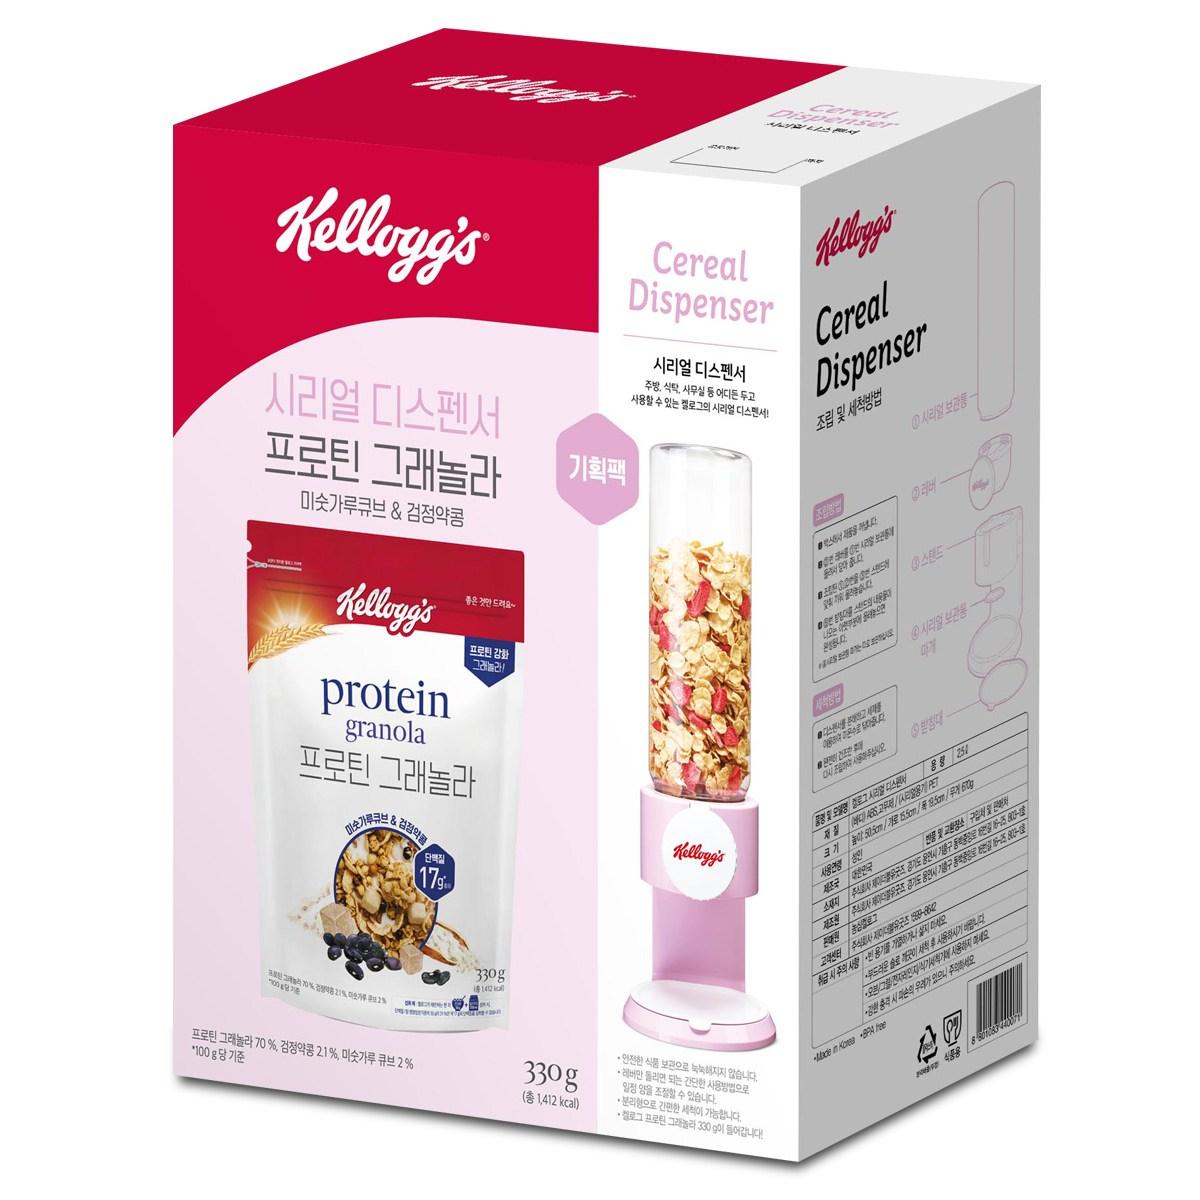 켈로그 시리얼 디스펜서 핑크 + 프로틴 그래놀라 미숫가루 큐브 앤 검정약콩 330g 세트, 3세트